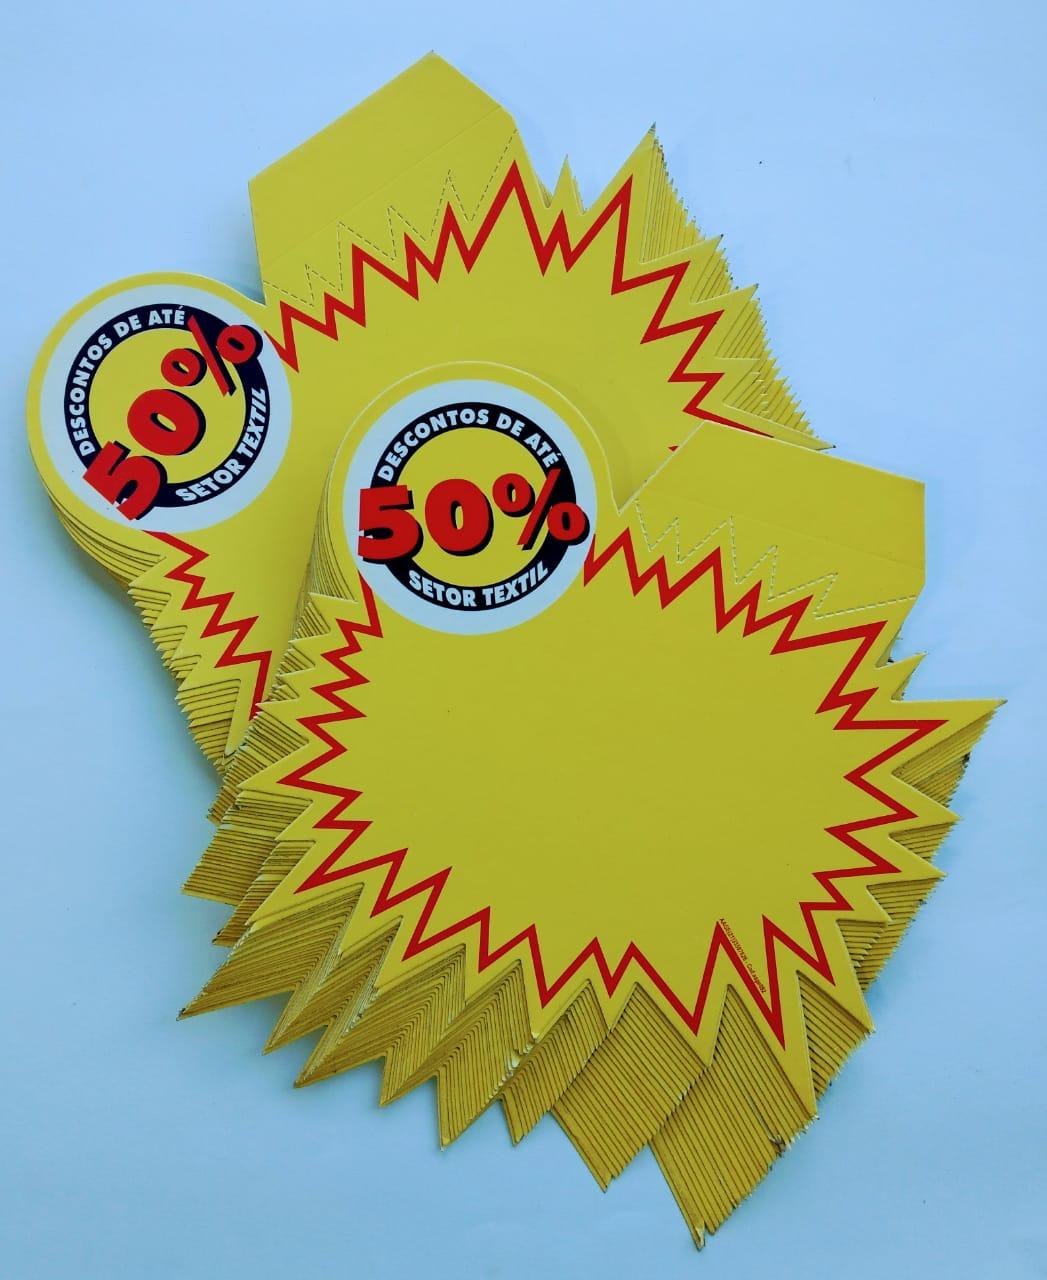 SPLASH DESCONTO 50% SETOR TEXTIL  23X20CM (C/50 UNIDADES)